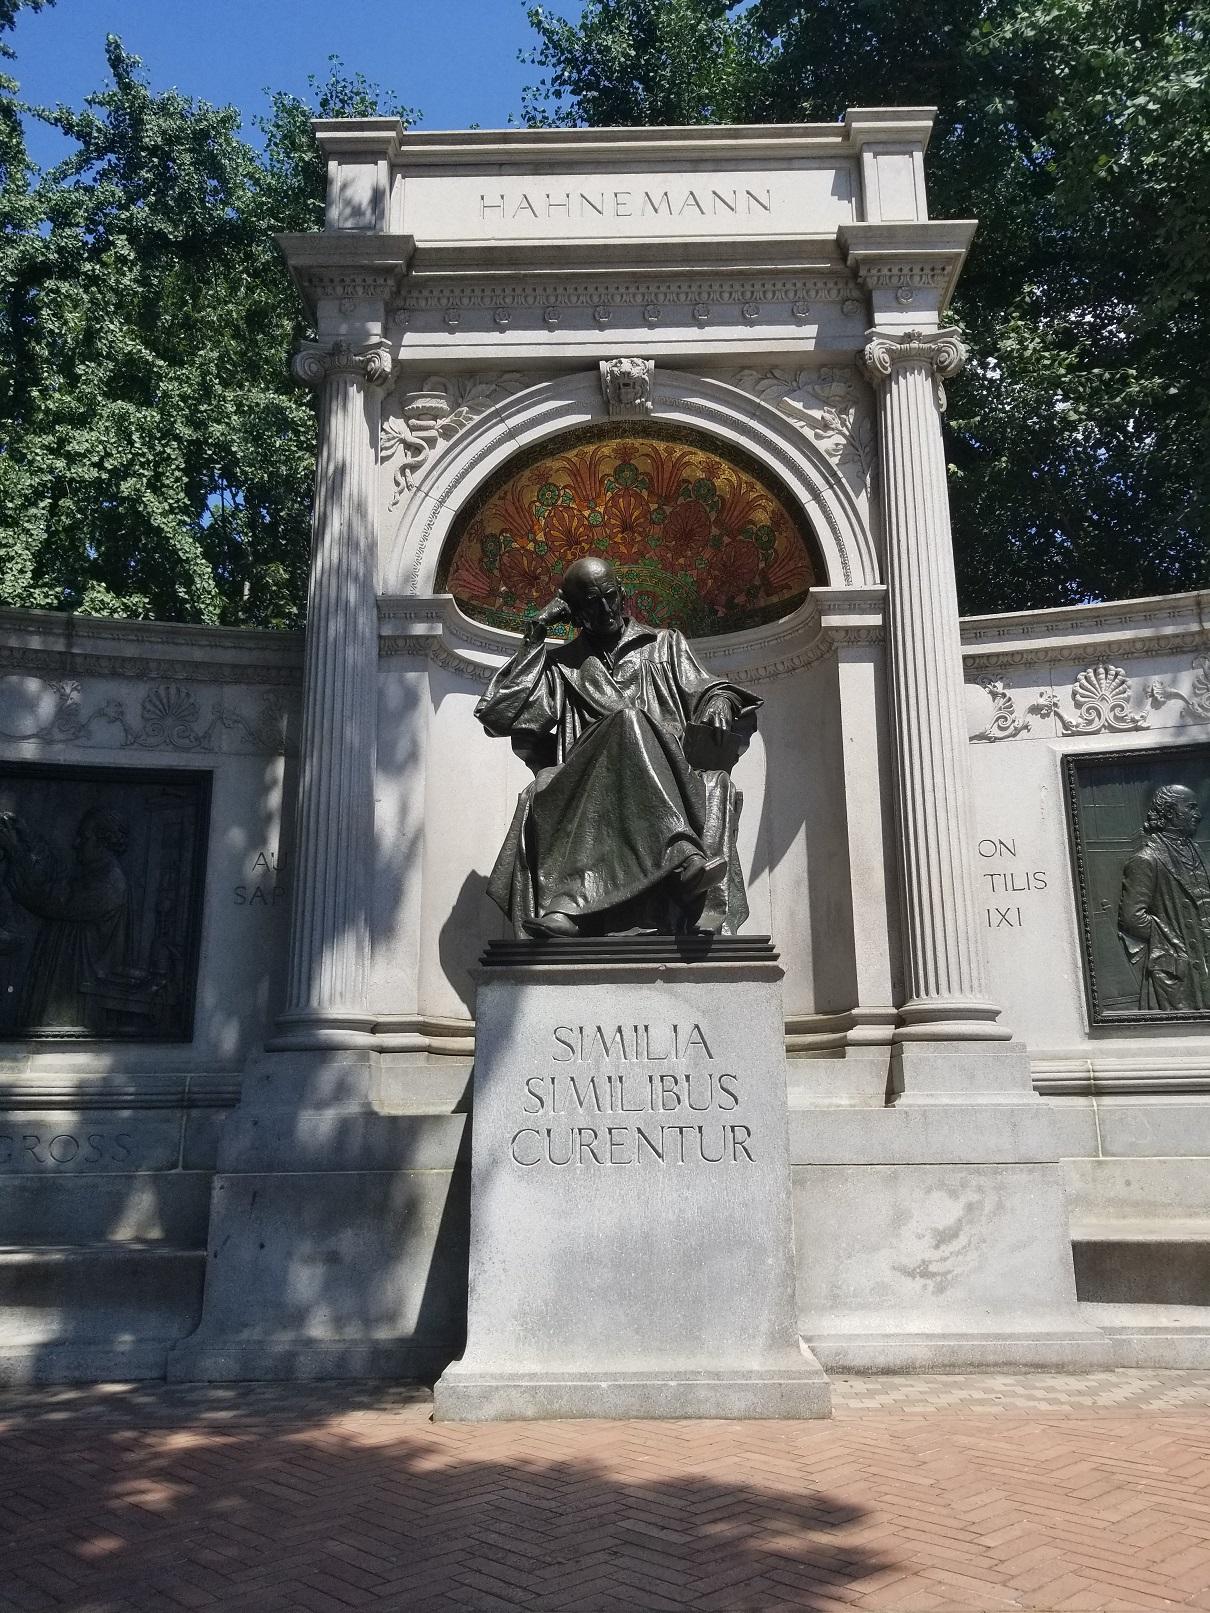 Hahnemann-statue-longshot